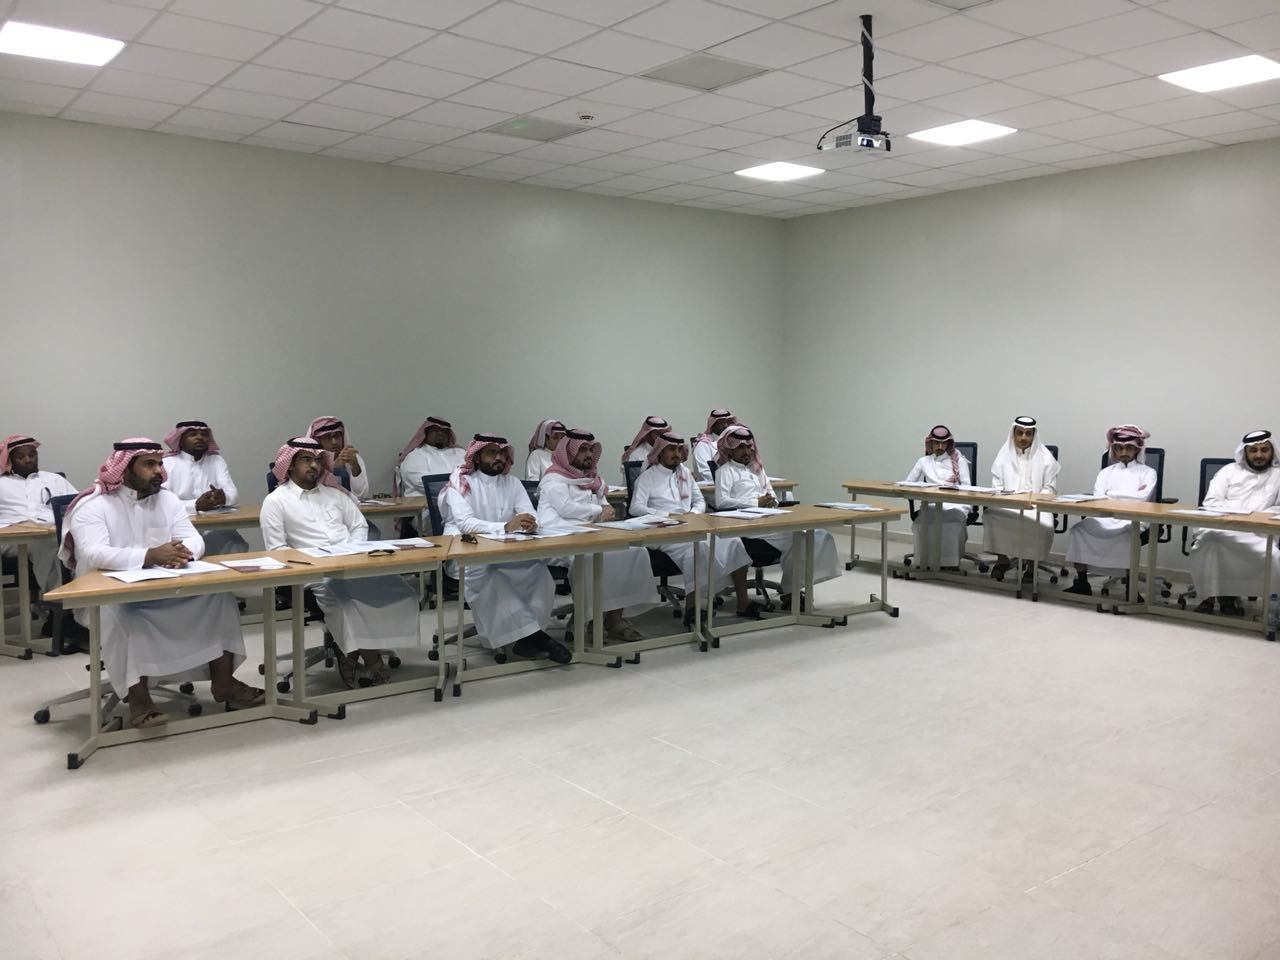 إدارة الأداء الوظيفي برنامج تدريبي لموظفي جامعة الأمير سطام بن عبدالعزيز صحيفة وطني الحبيب الإلكترونية New Homes Decor Conference Room